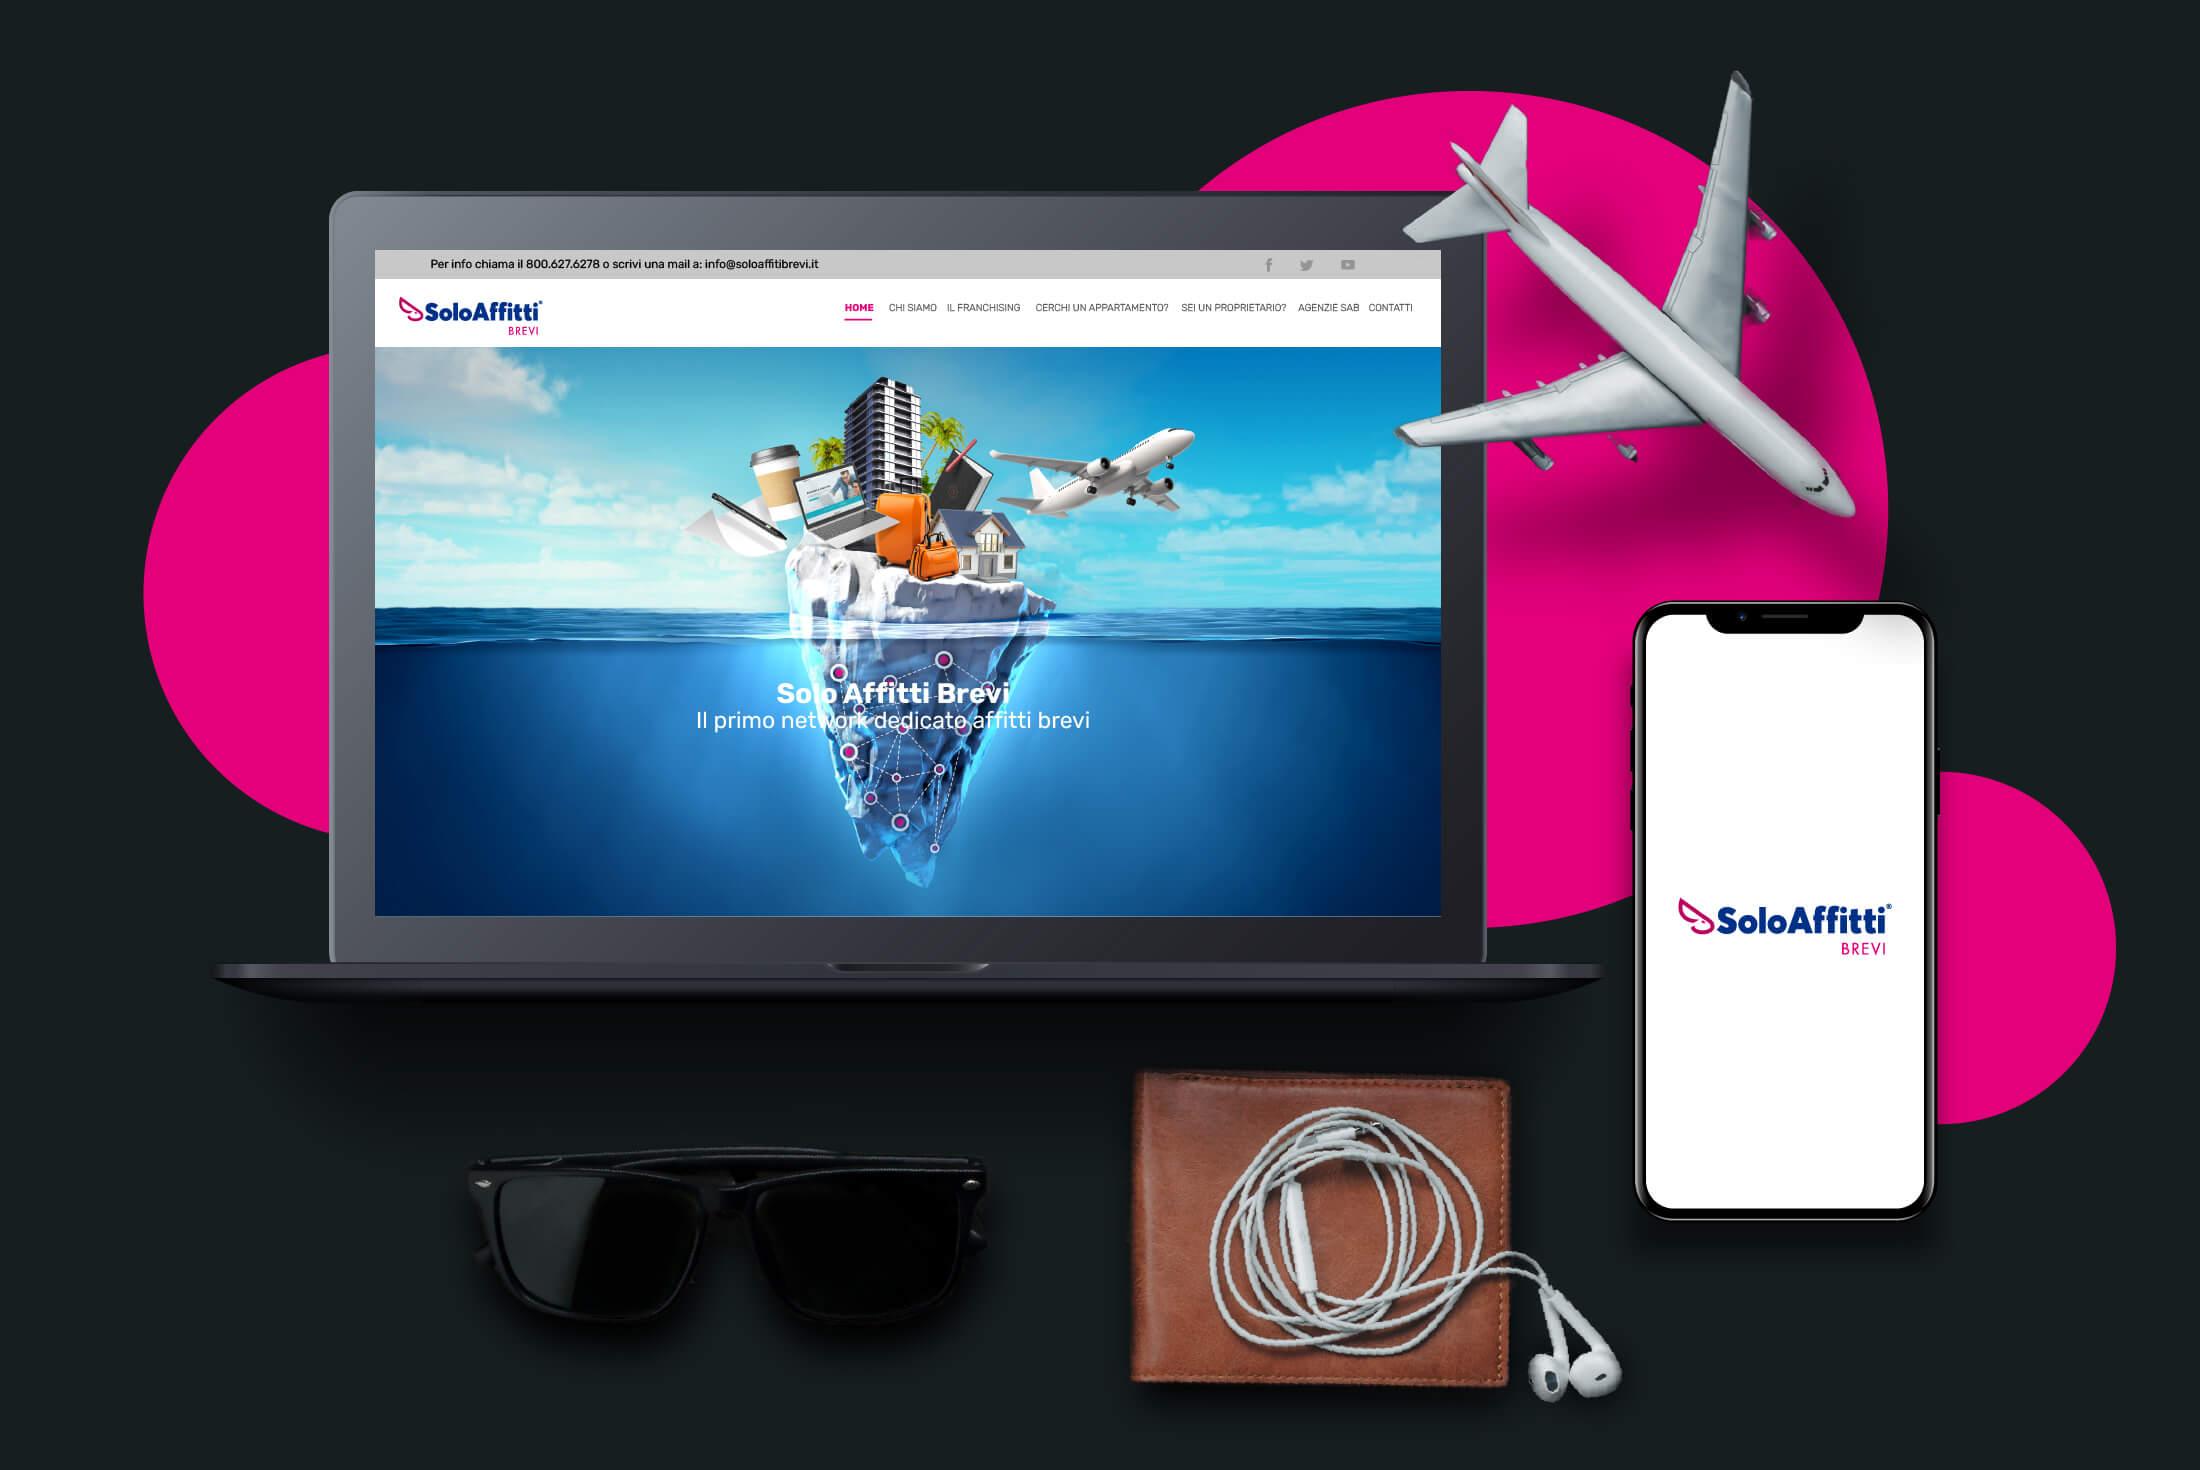 Sito web - Portfolio - Be Comunicazioni - Pubblicità e Marketing - SoloAffitti Brevi - Cover